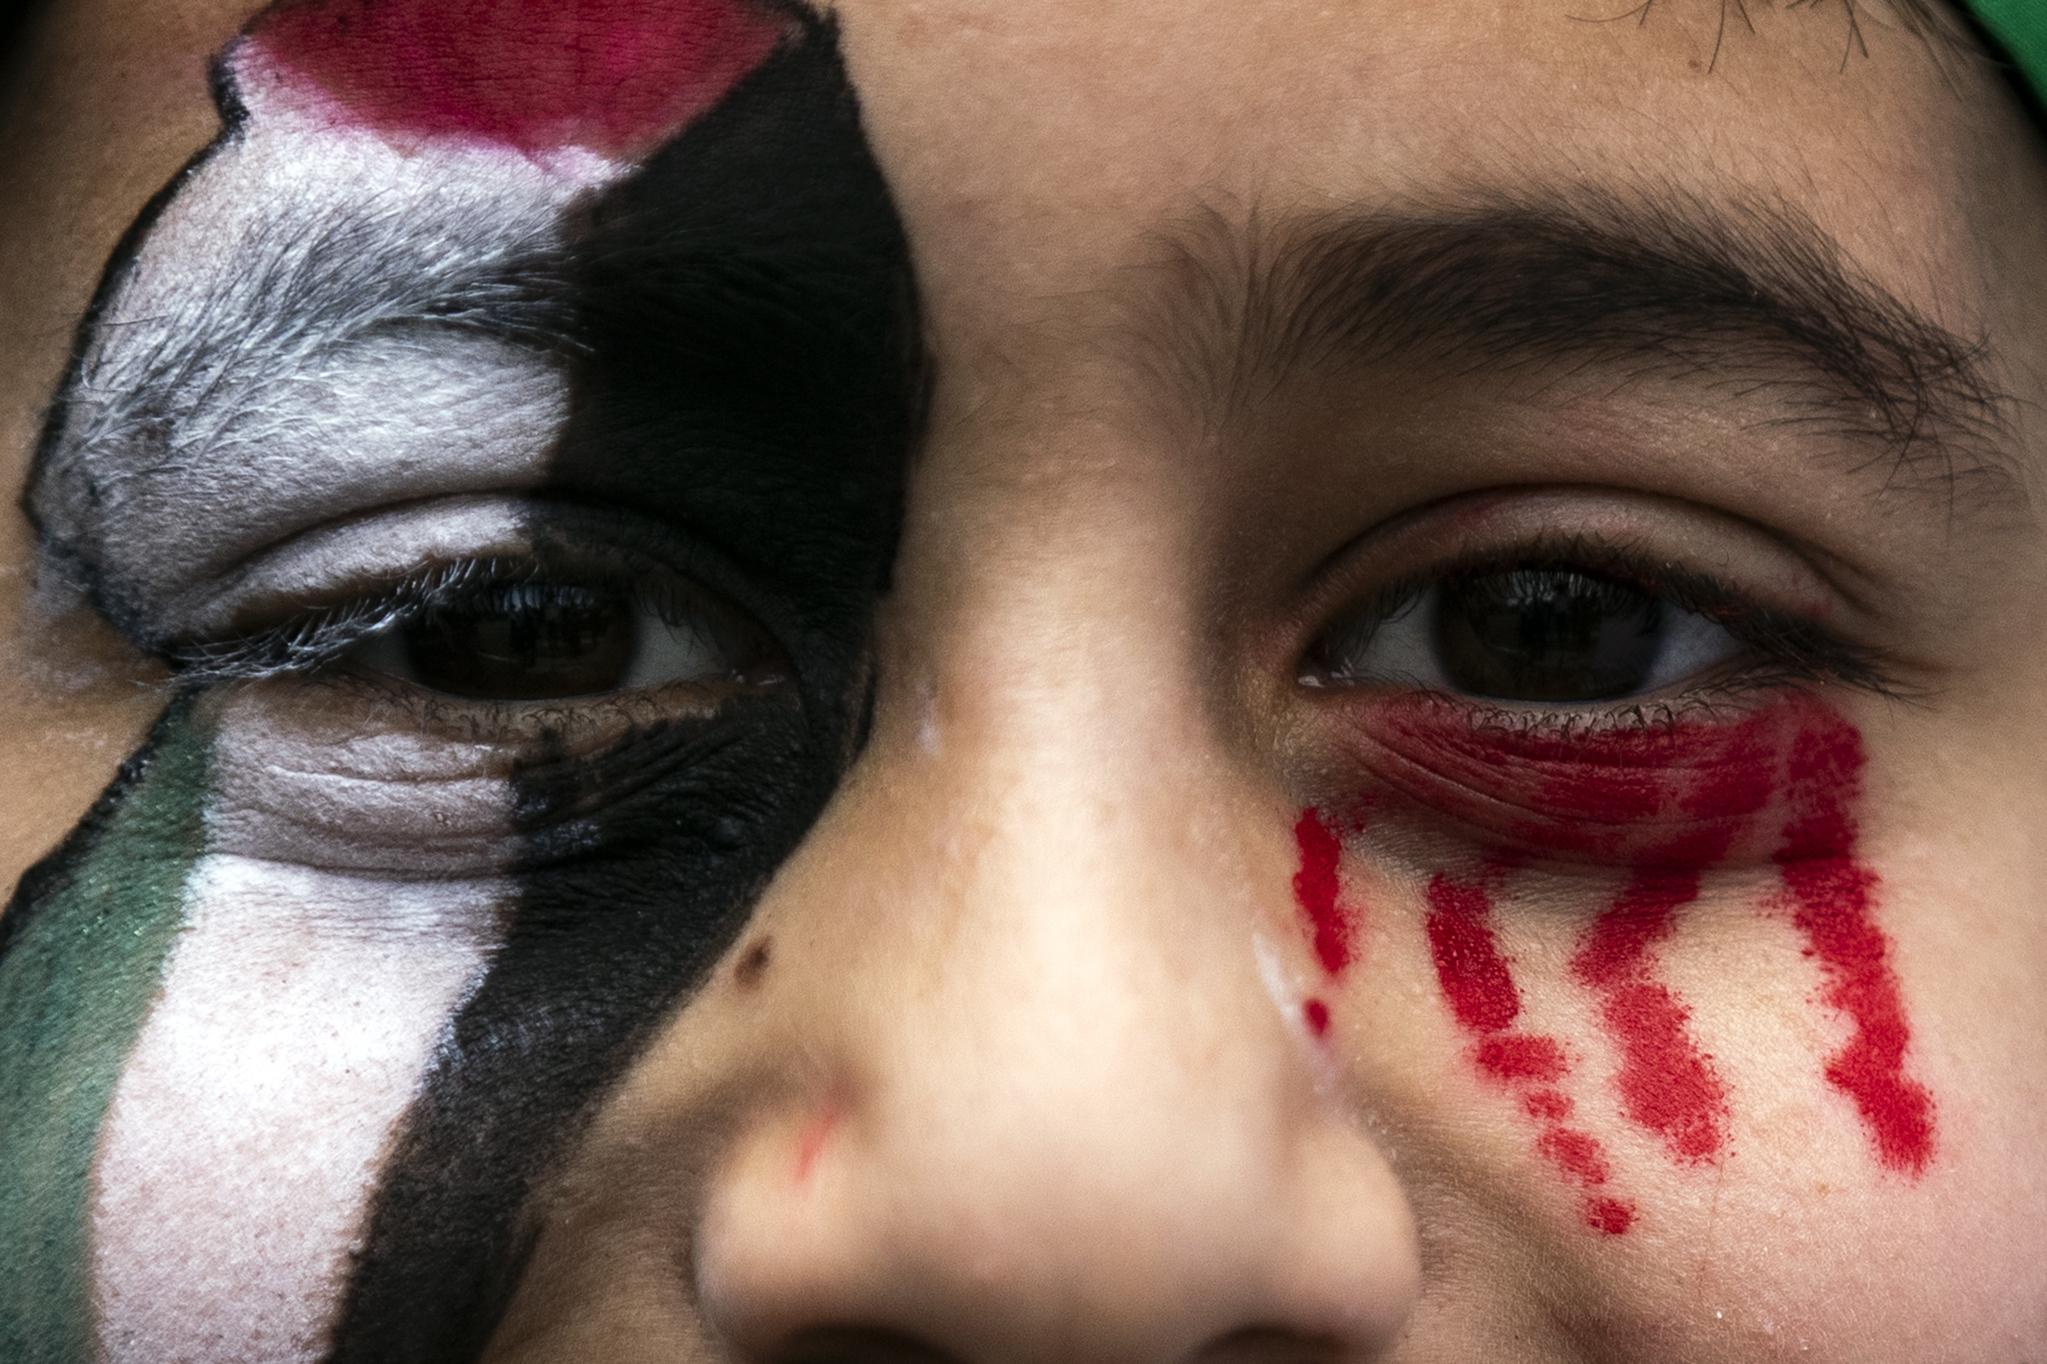 15일 미국 캘리포니아 LA에서 열린 팔레스타인 지지 시위에 참가한 소년이 팔레스타인 깃발과 피눈물로 페이스 페인팅을 했다. EPA=연합뉴스